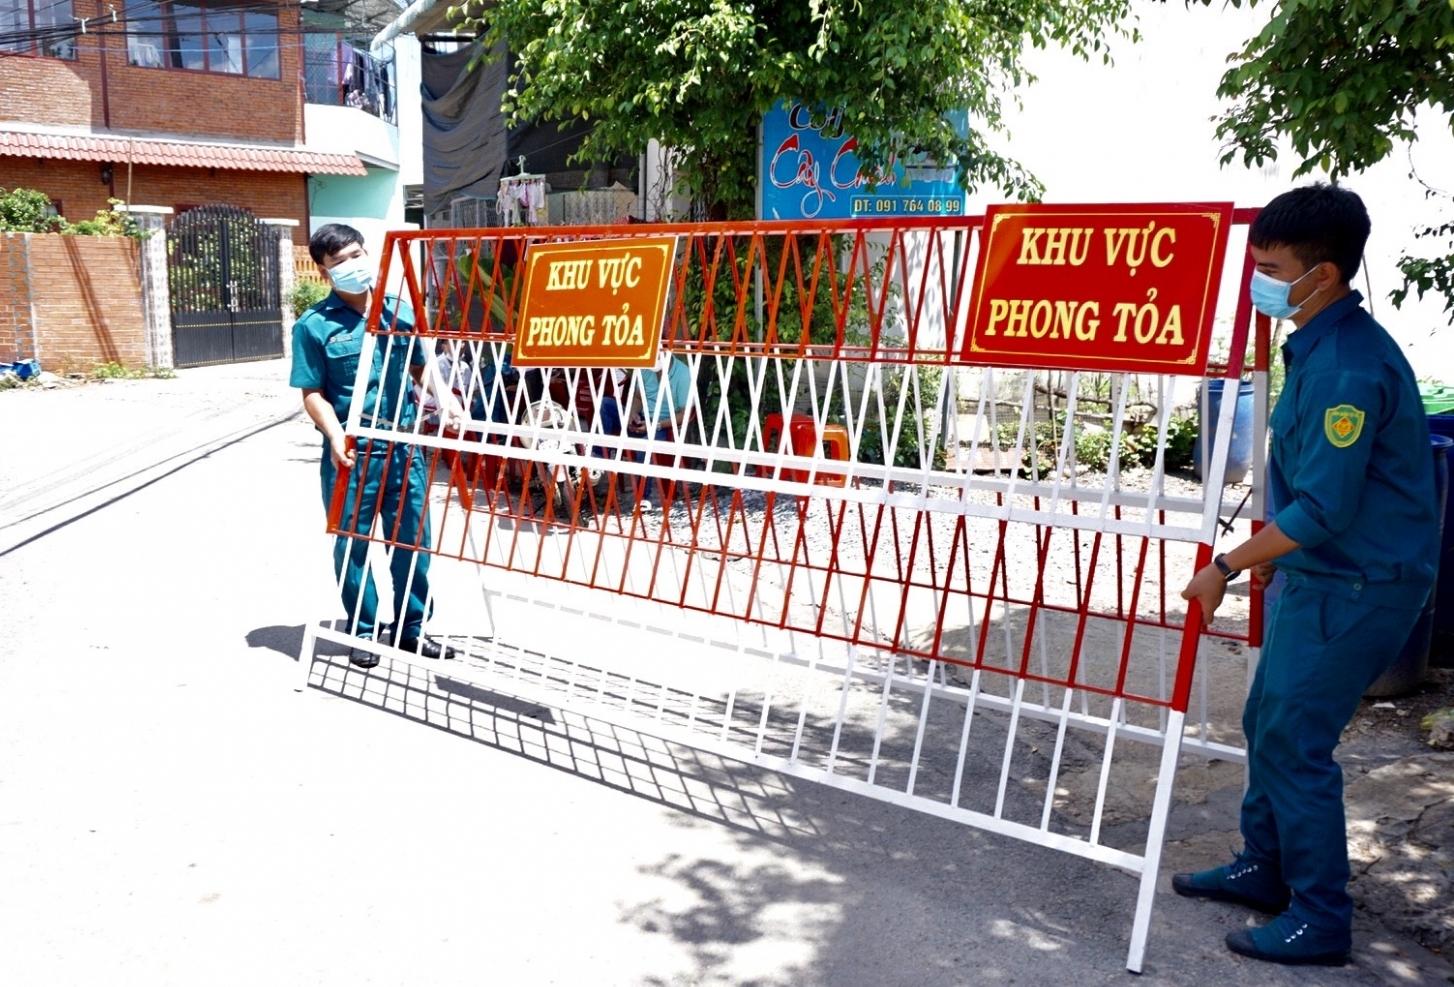 Bình Dương: Giãn cách xã hội theo Chỉ thị 16 toàn TP Thuận An và thị xã Tân Uyên